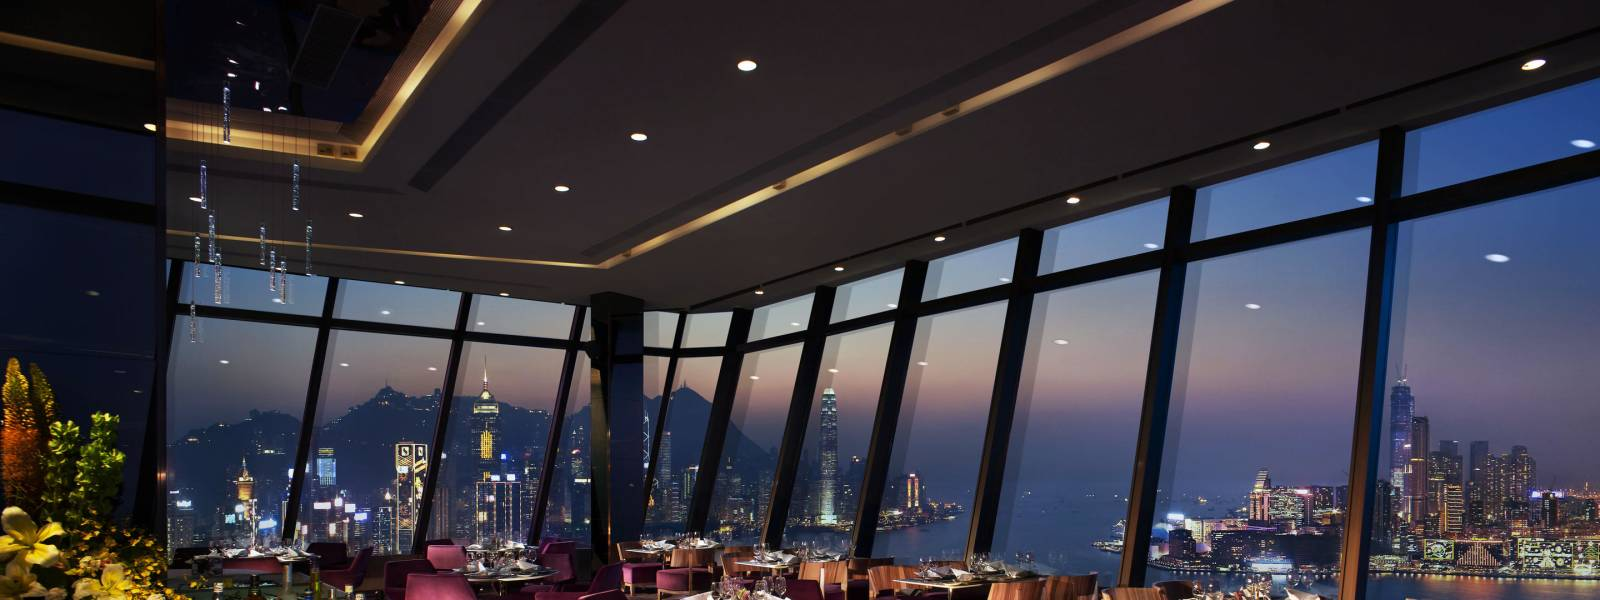 Le 188° Restaurant & Lounge